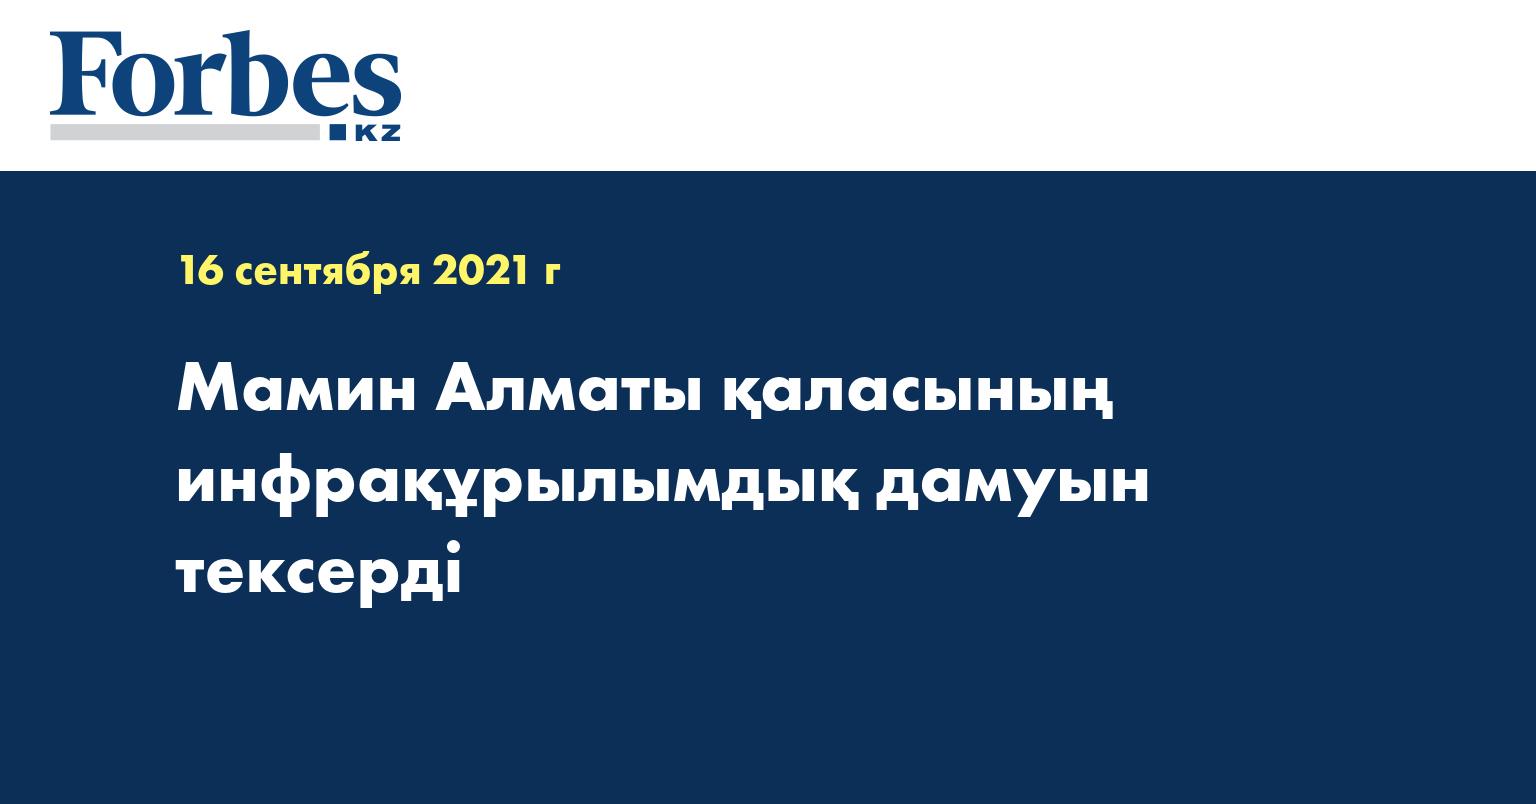 Мамин Алматы қаласының инфрақұрылымдық дамуын тексерді